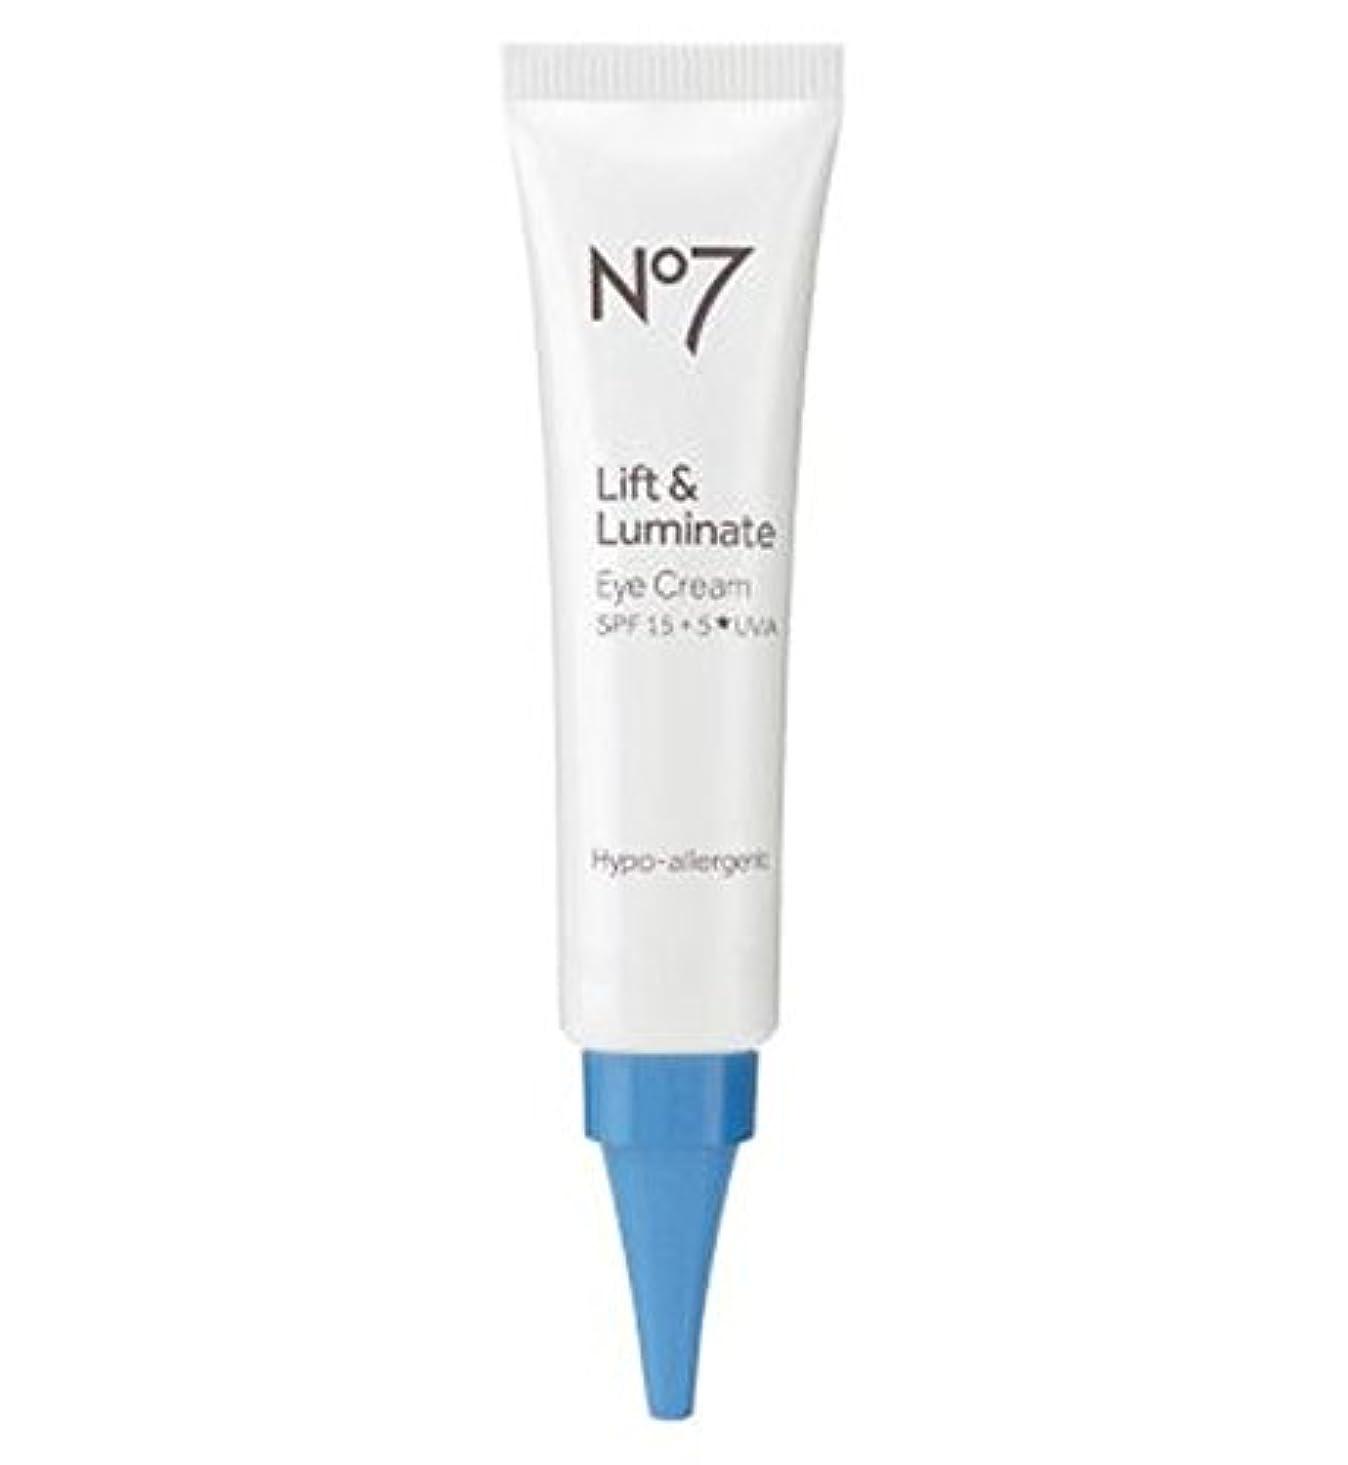 No7 Lift & Luminate Eye Cream - No7リフト&Luminateアイクリーム (No7) [並行輸入品]